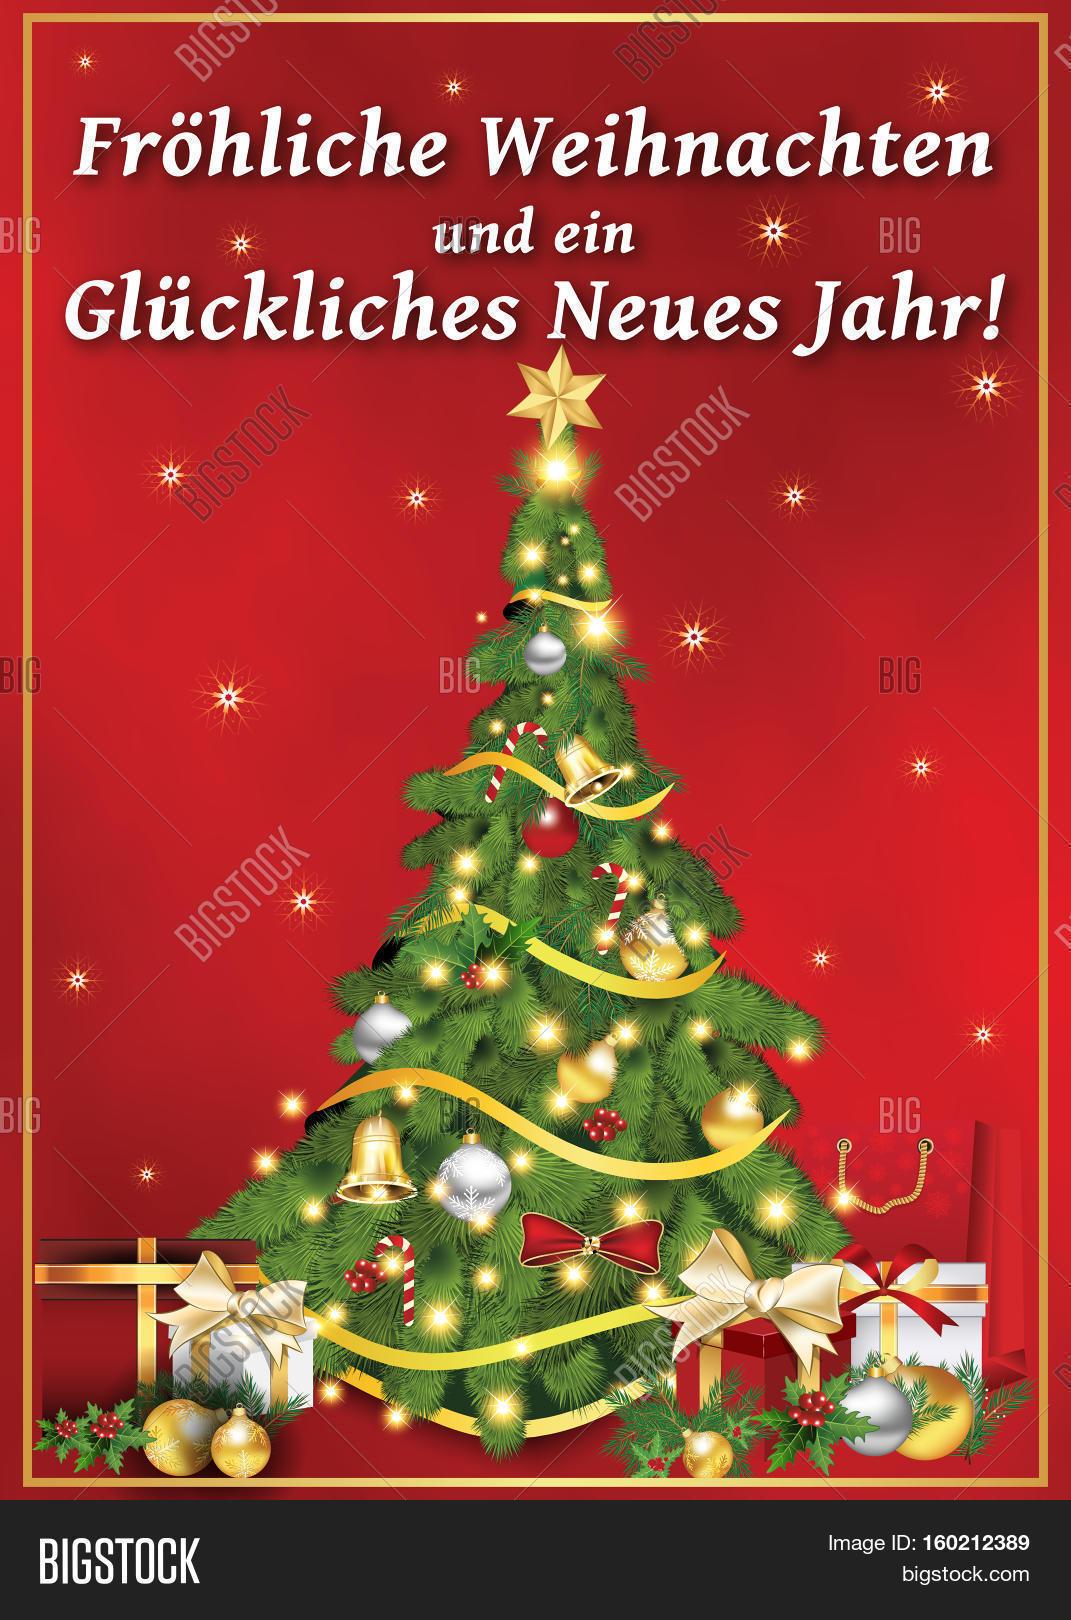 Frohliche Weihnachten Image & Photo (Free Trial) | Bigstock